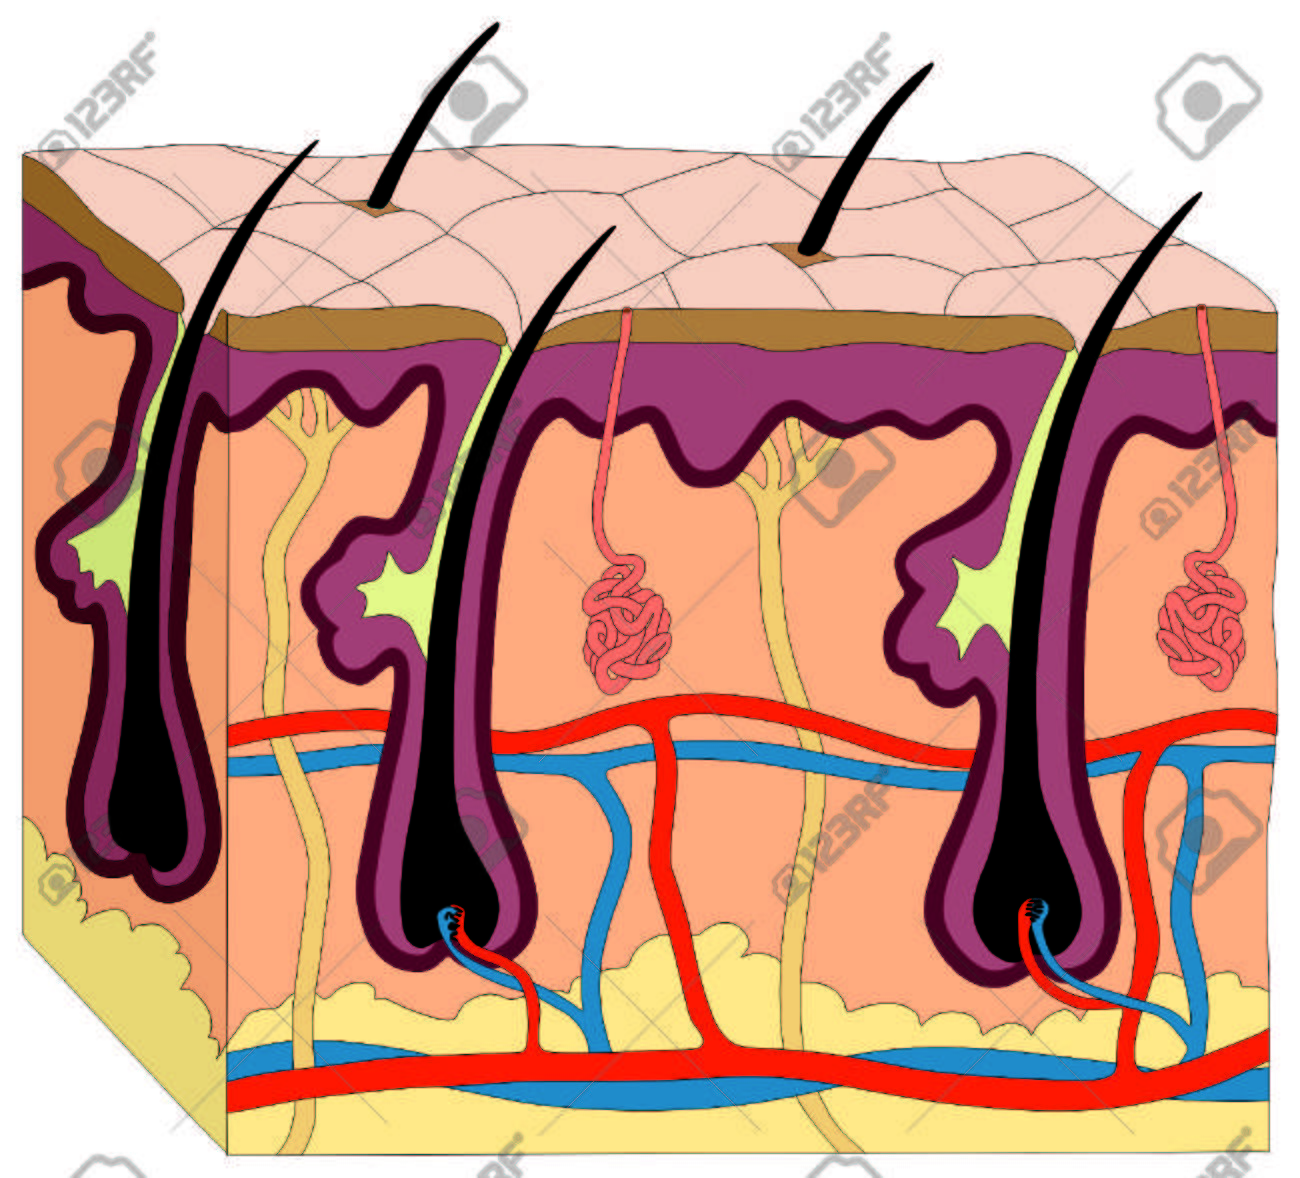 Skin Body Diagrama Anatomía Figura Gráfico Humano Con Todas Las ...